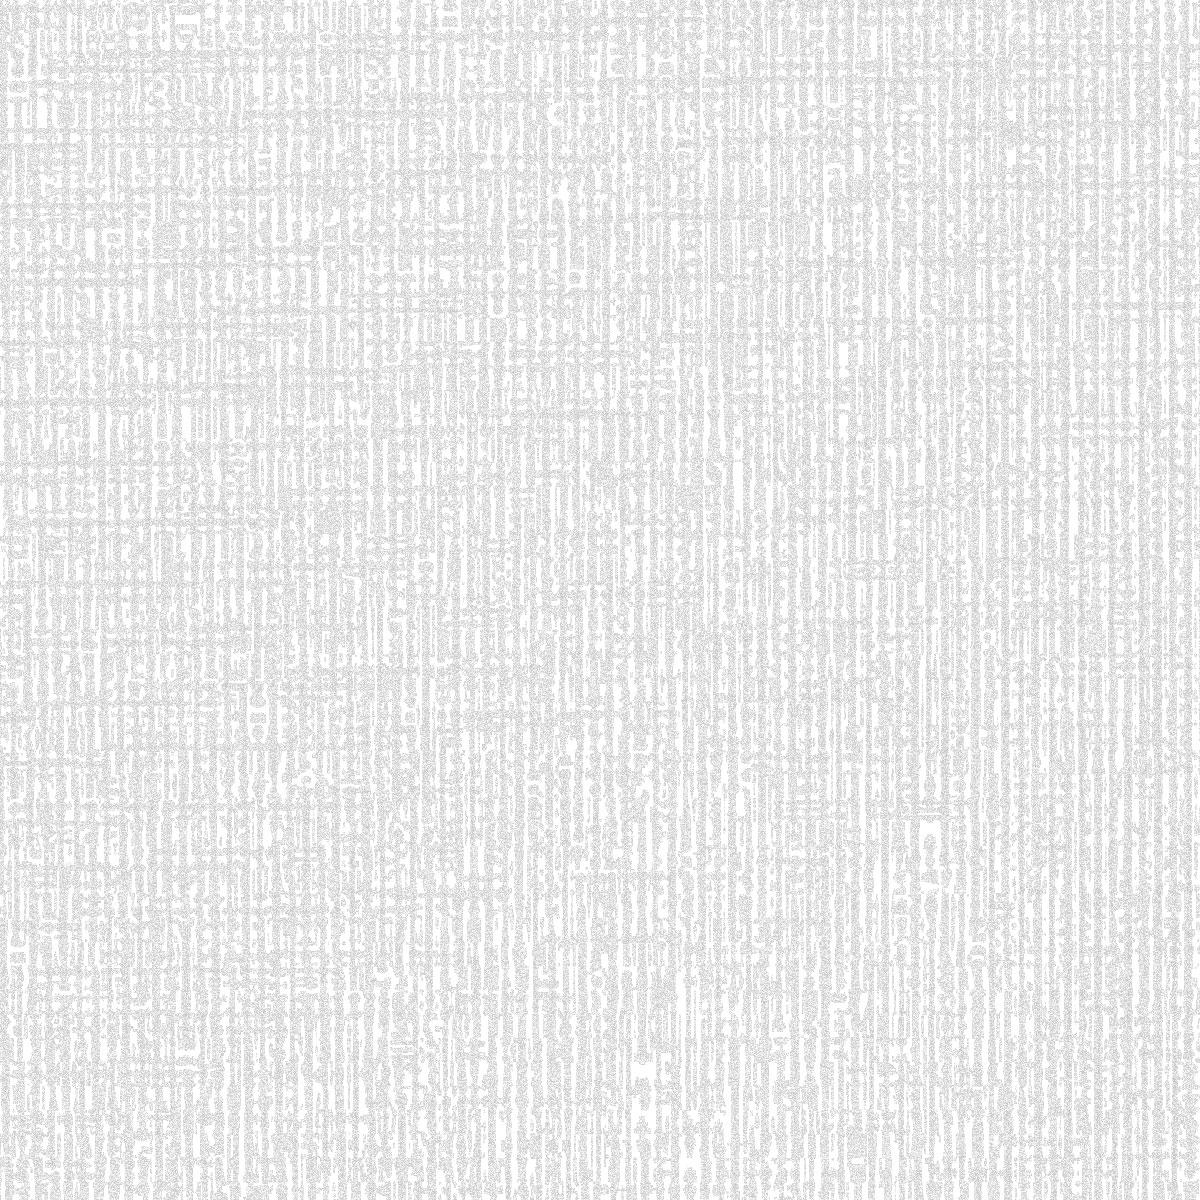 white-9.jpg